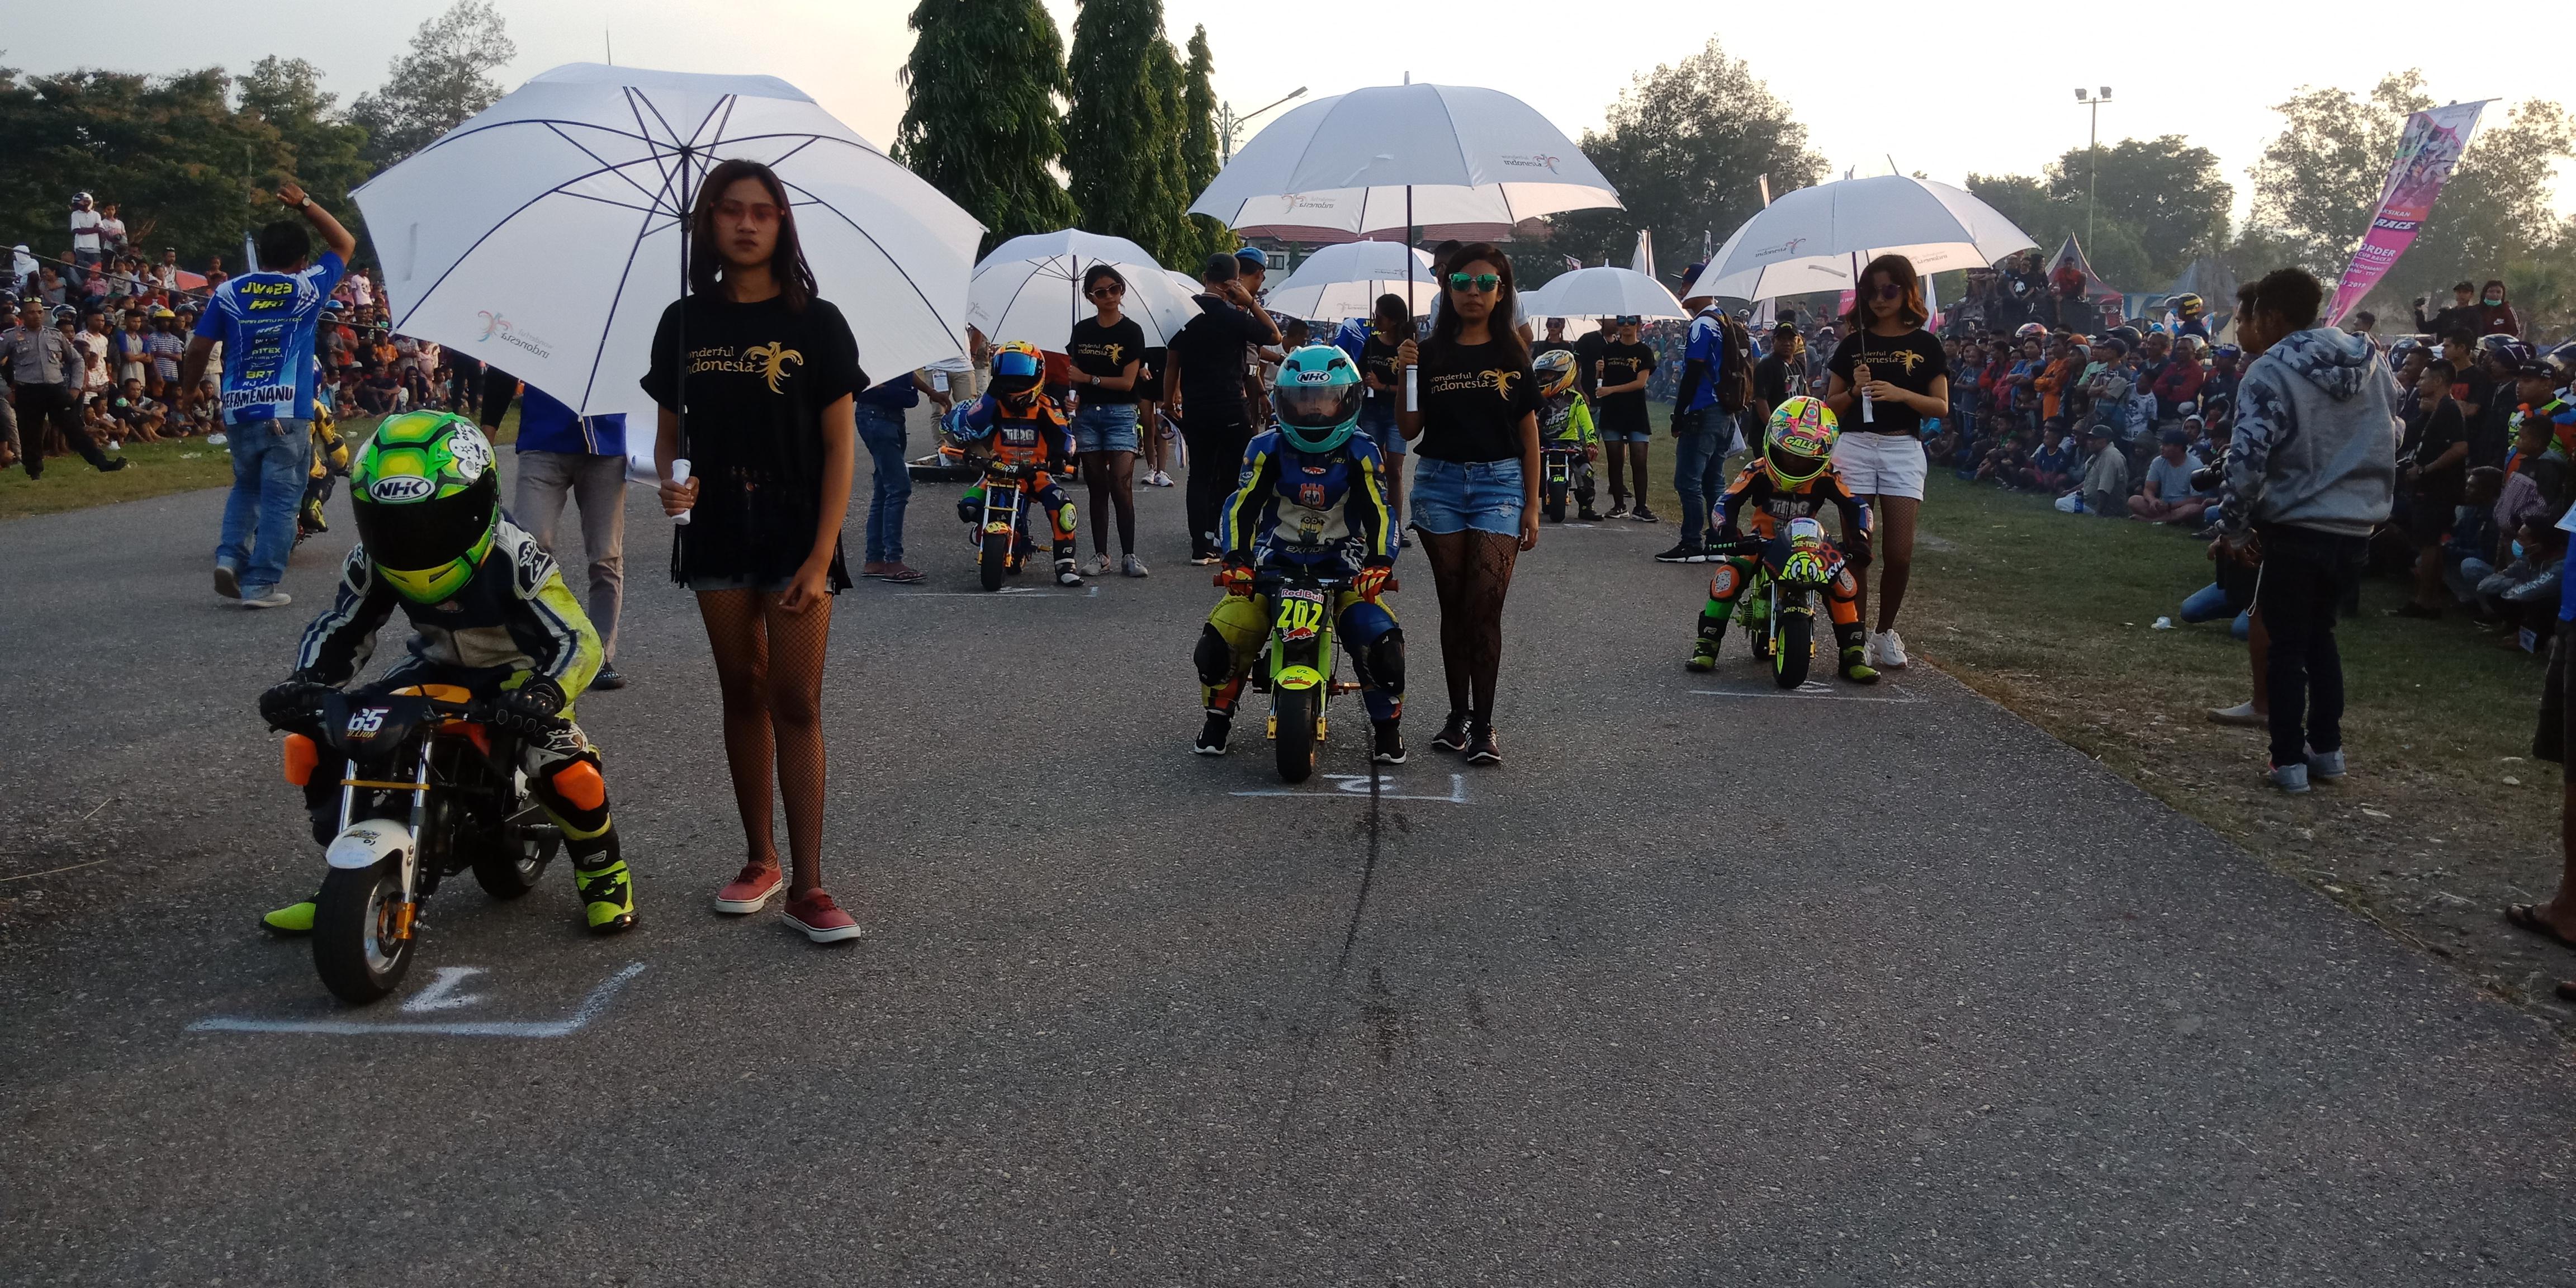 ROAD RACE CROSSBORDER diadakan untuk mempromosikan Kabupaten TTU sebagai destinasi pariwisata